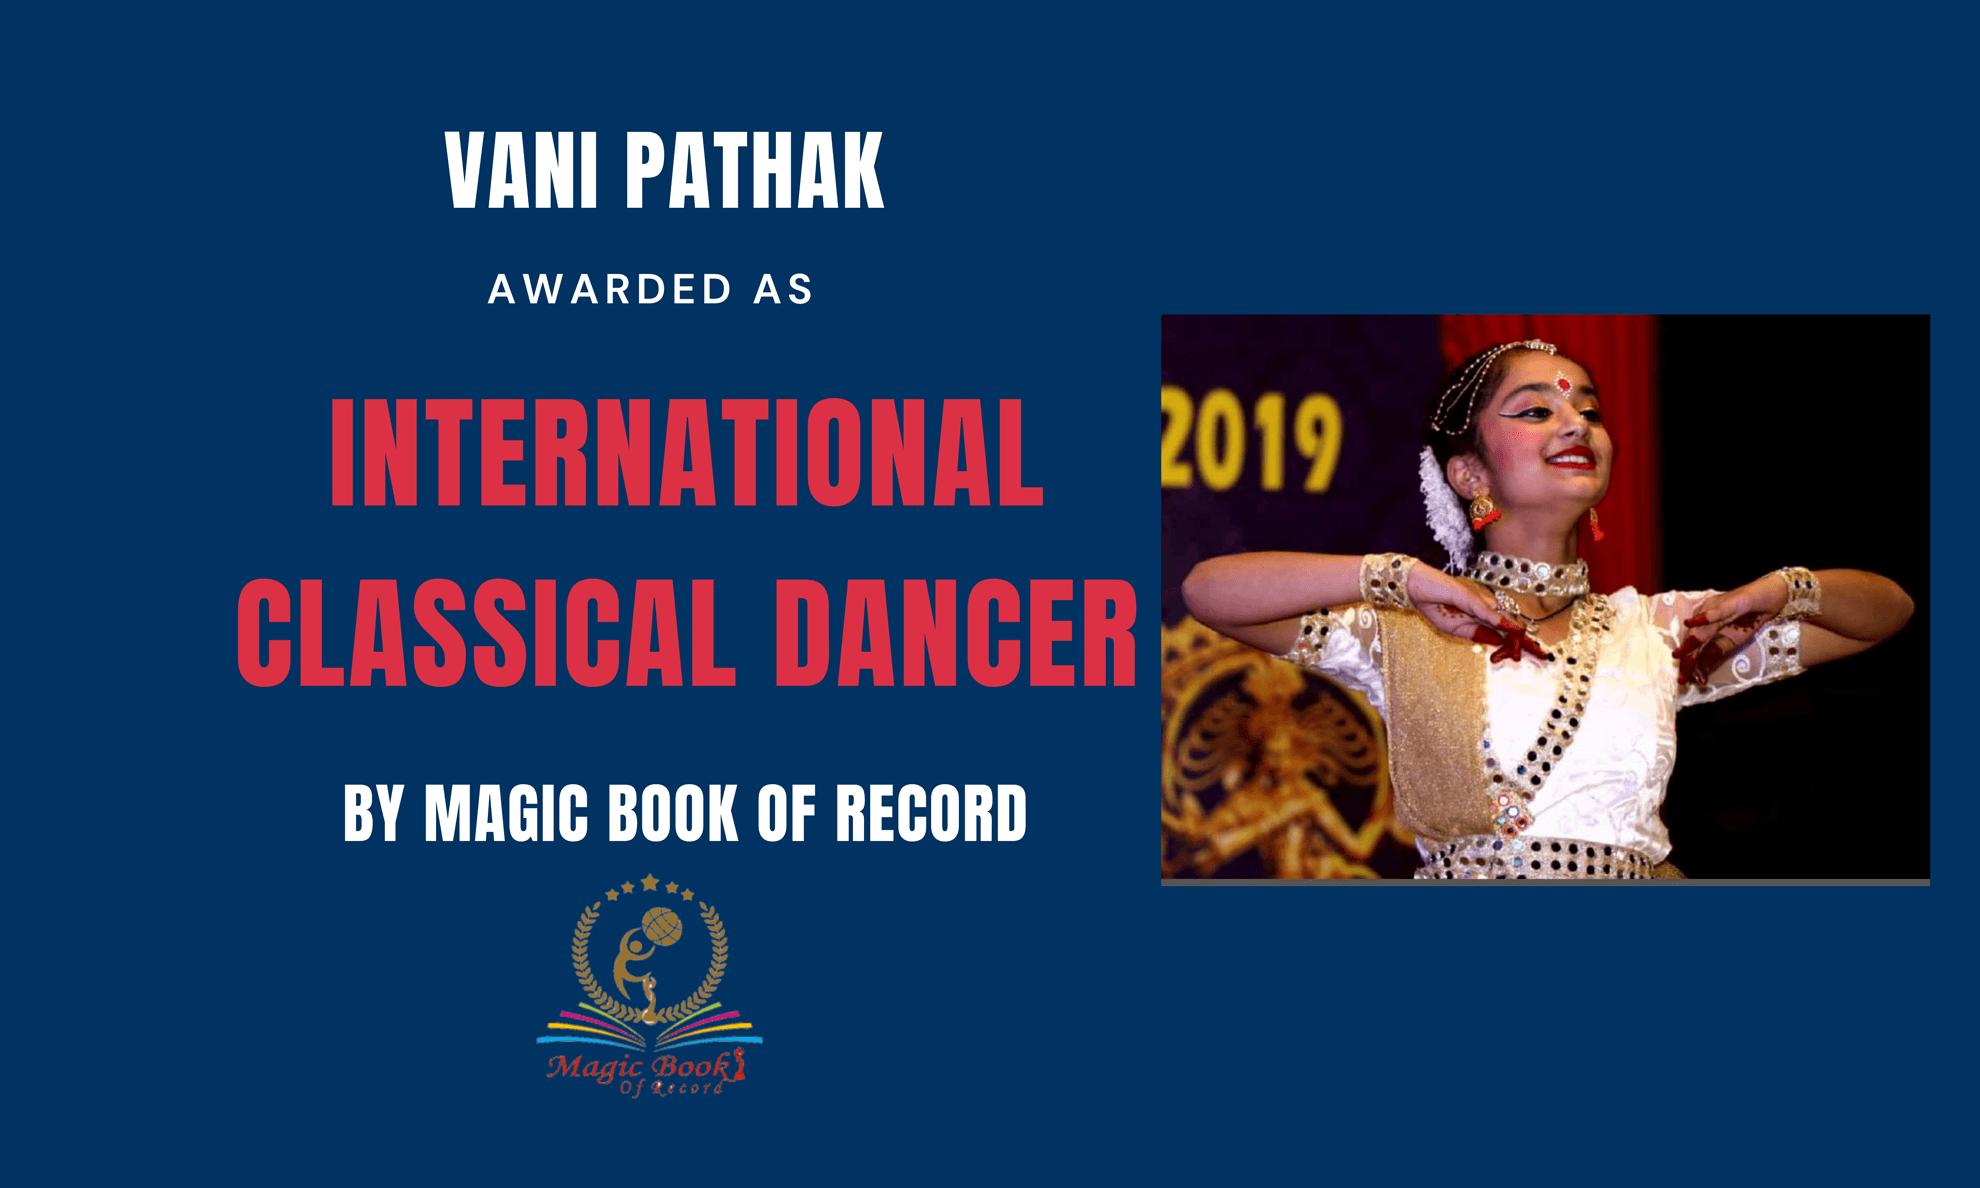 Vani Pathak - International Classical Dancer - Magic Book of Record